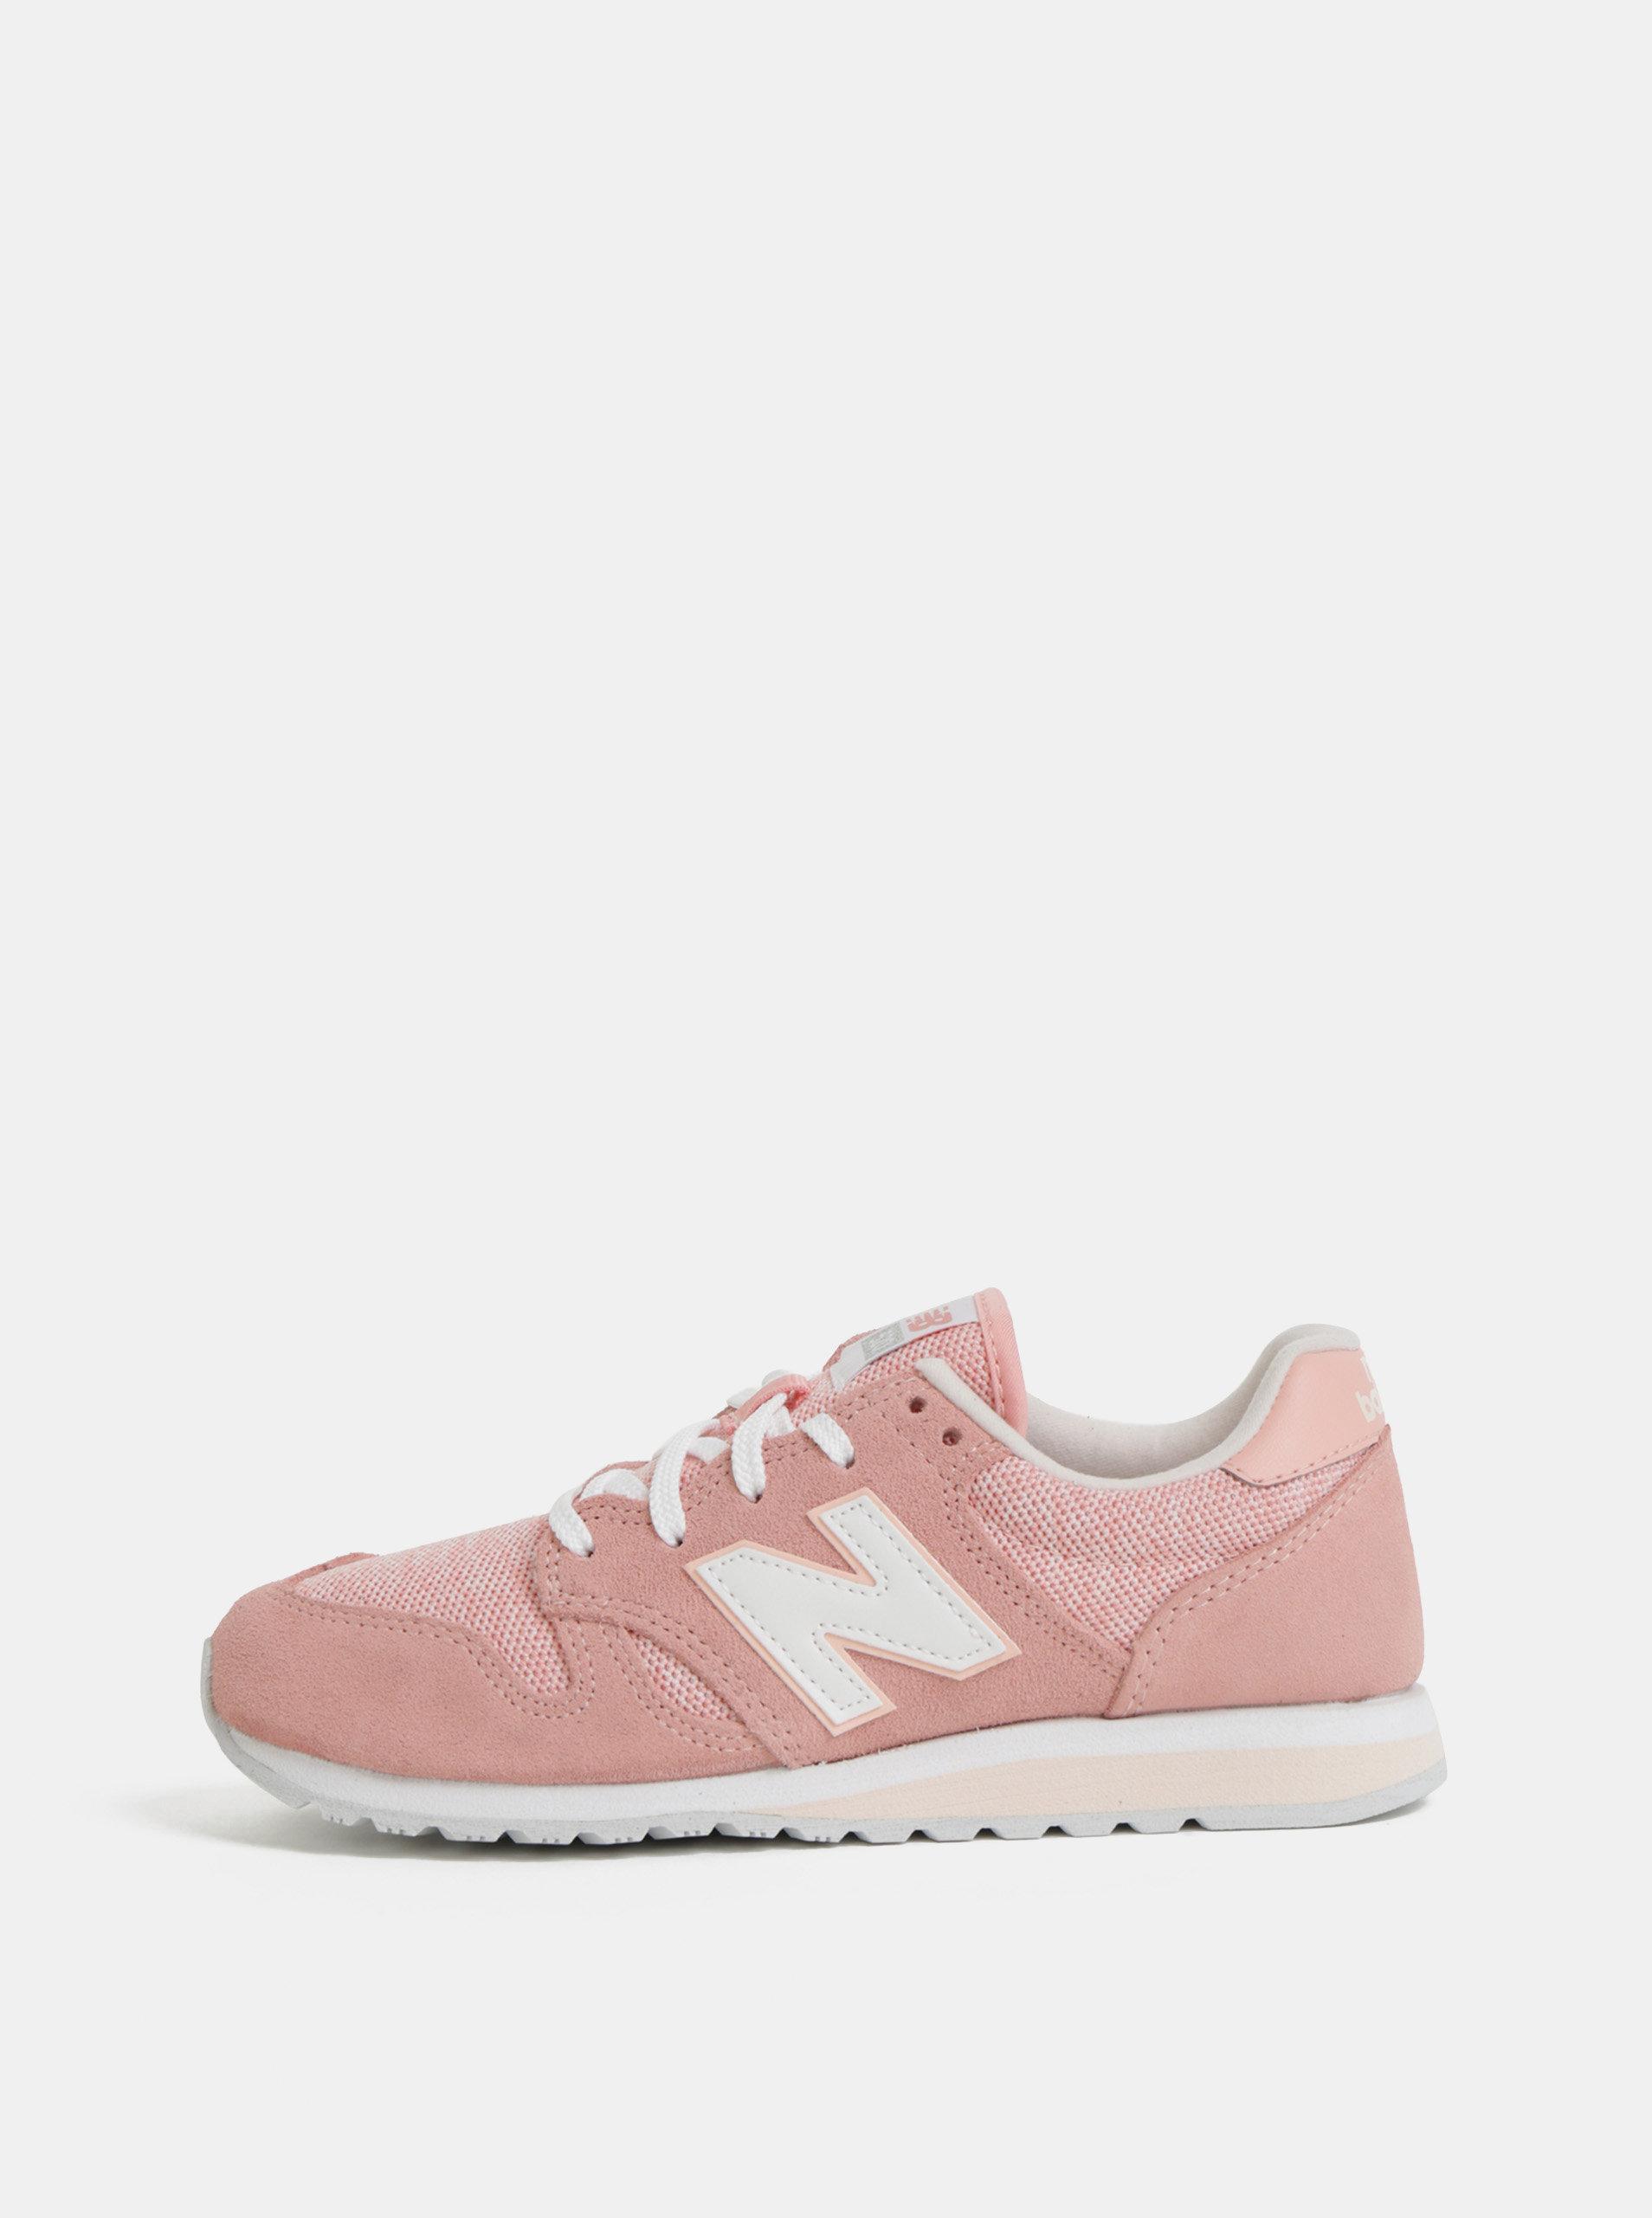 92ef269b2f69 Ružové dámske semišové tenisky New Balance 520 ...